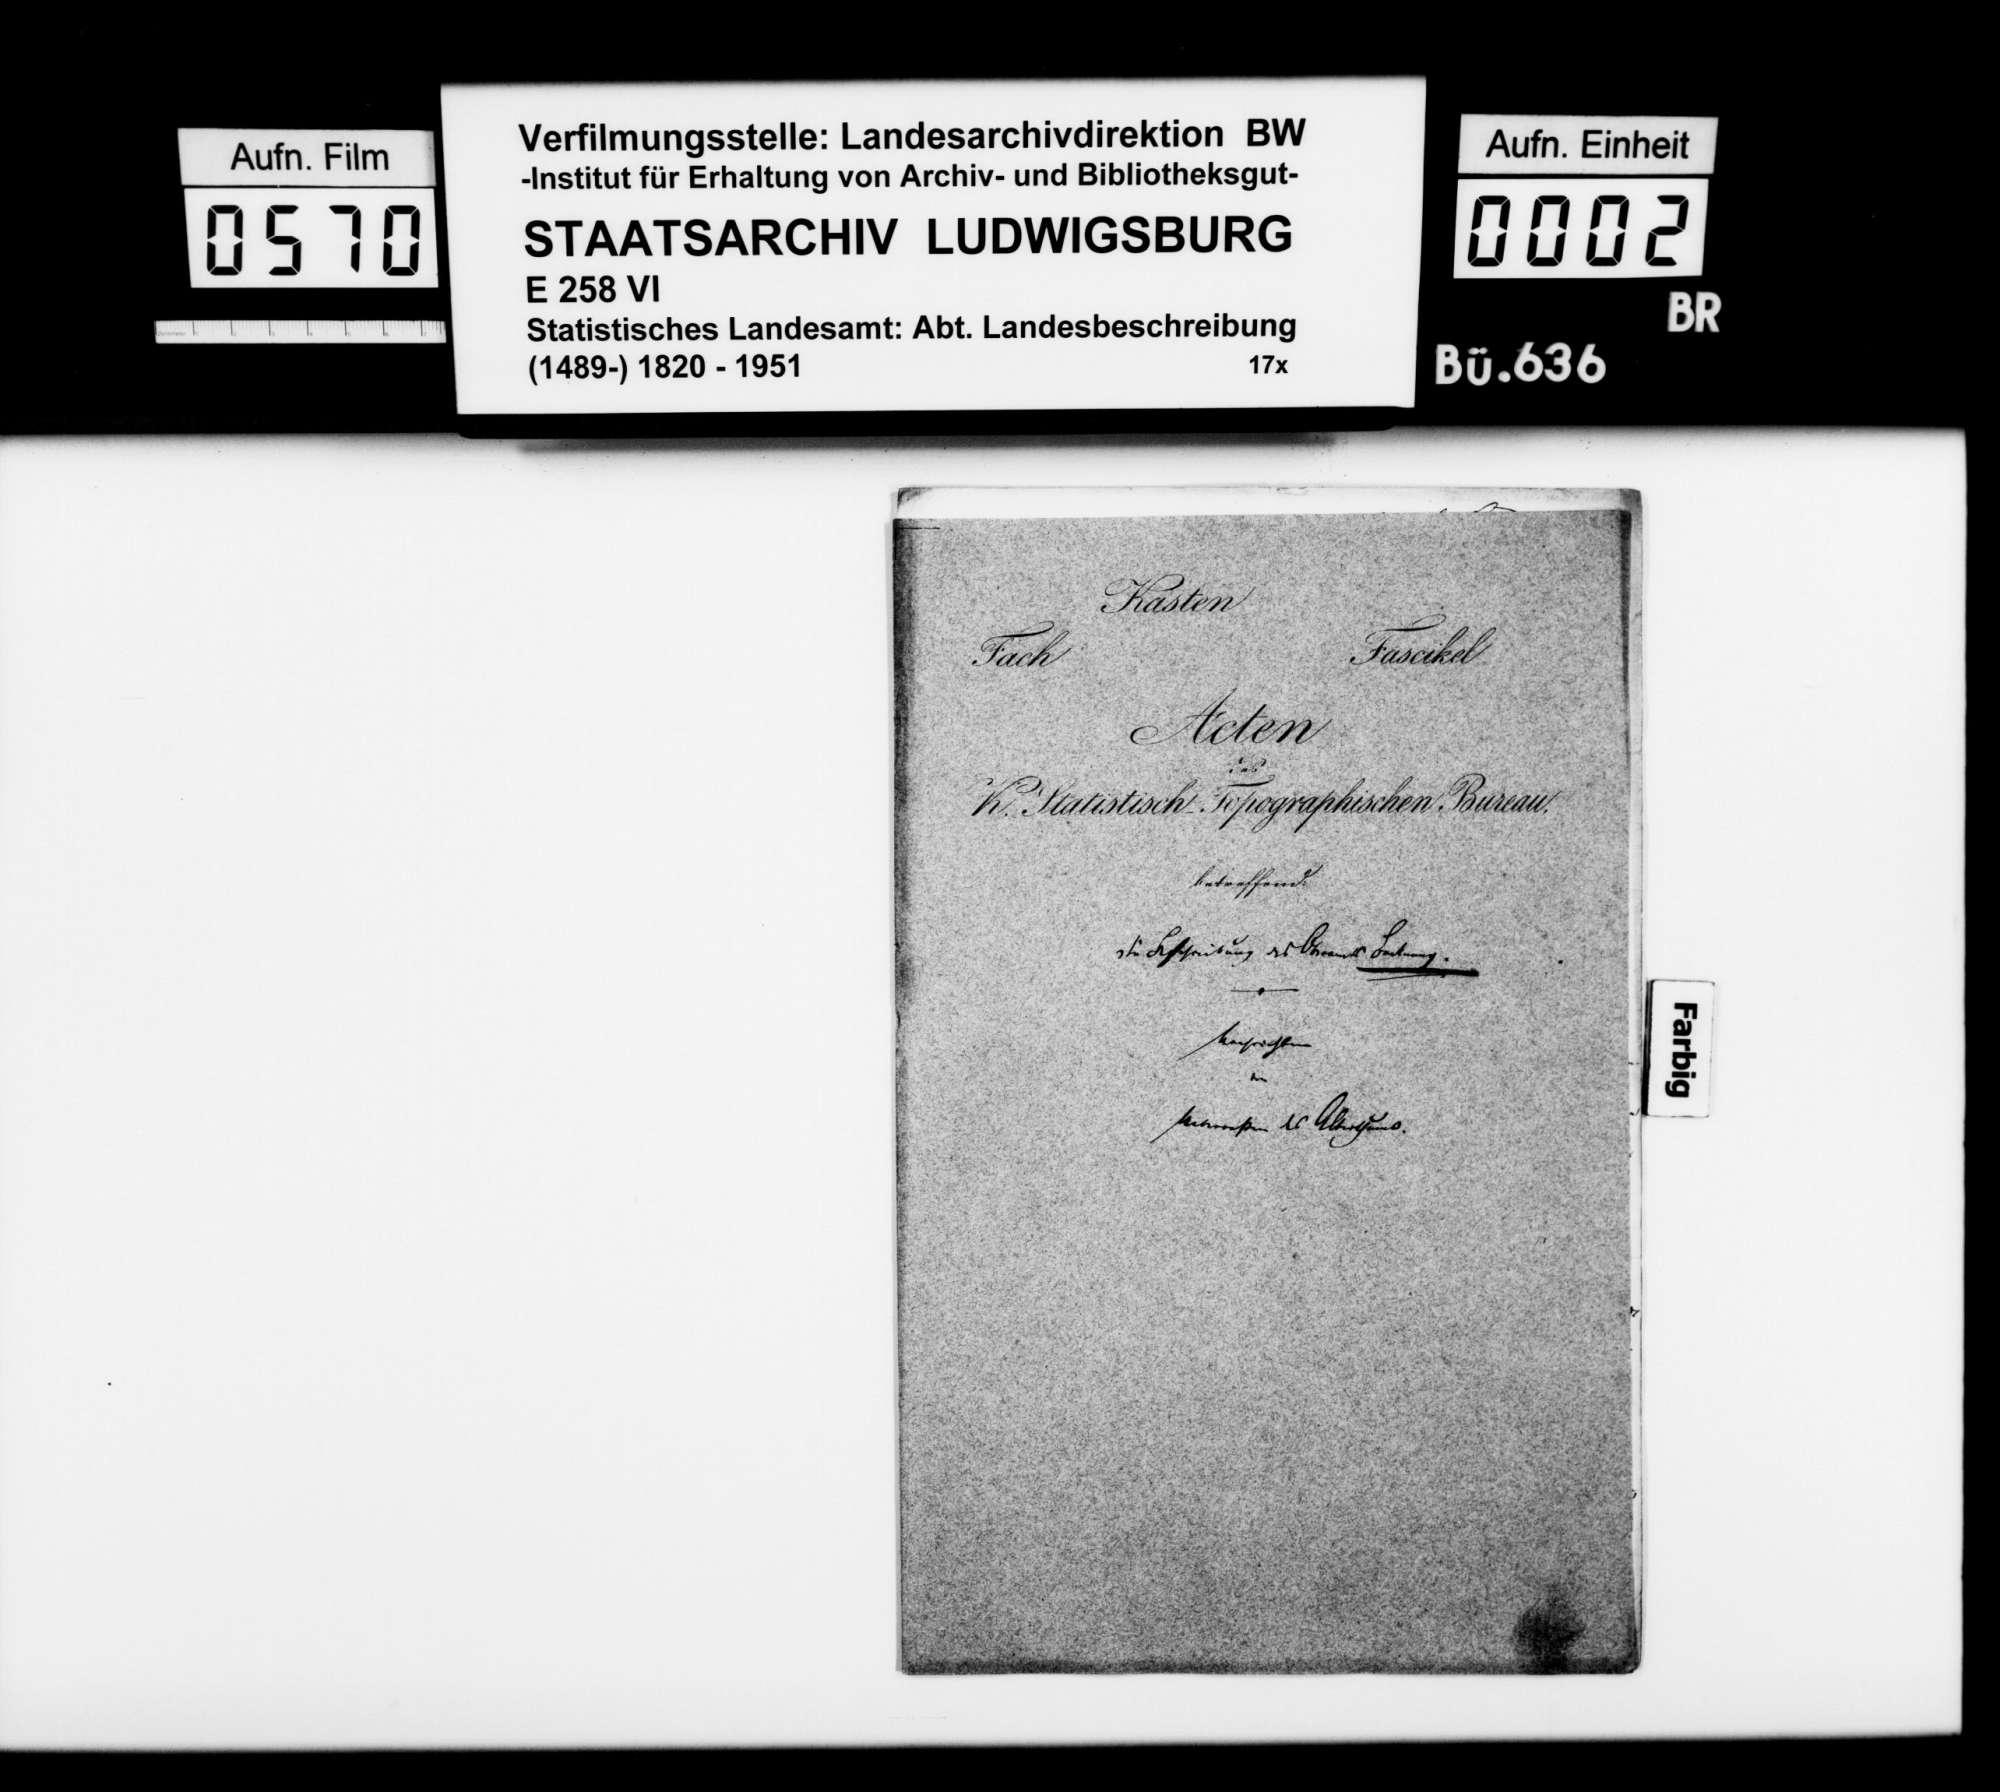 Bericht des Topographen [Karl Eduard] Paulus über römische und mittelalterliche Altertümer im Oberamt, Bild 1